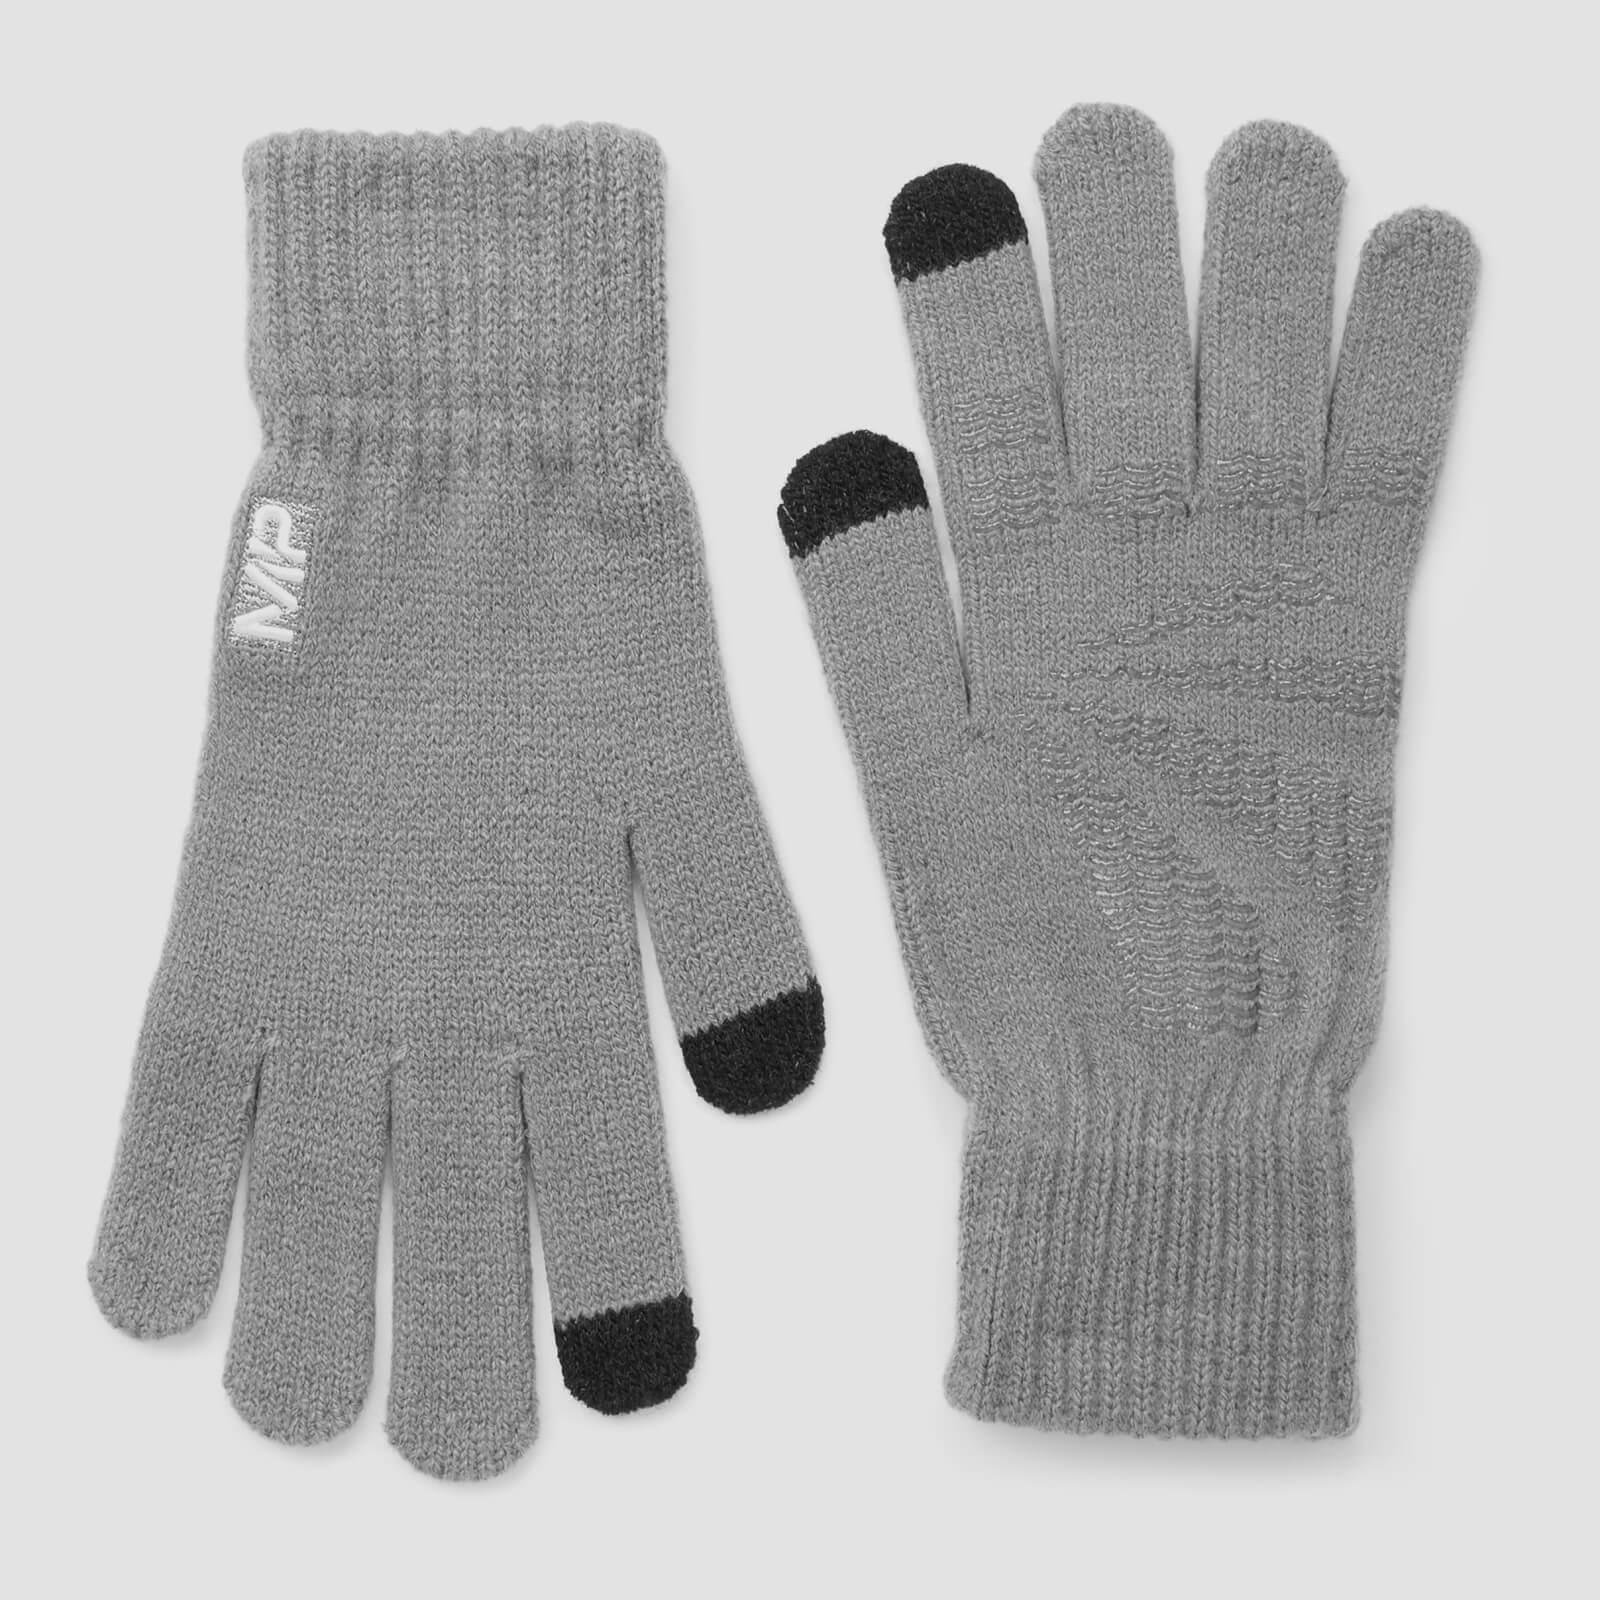 Myprotein MP Knitted Gloves - Grey - M/L